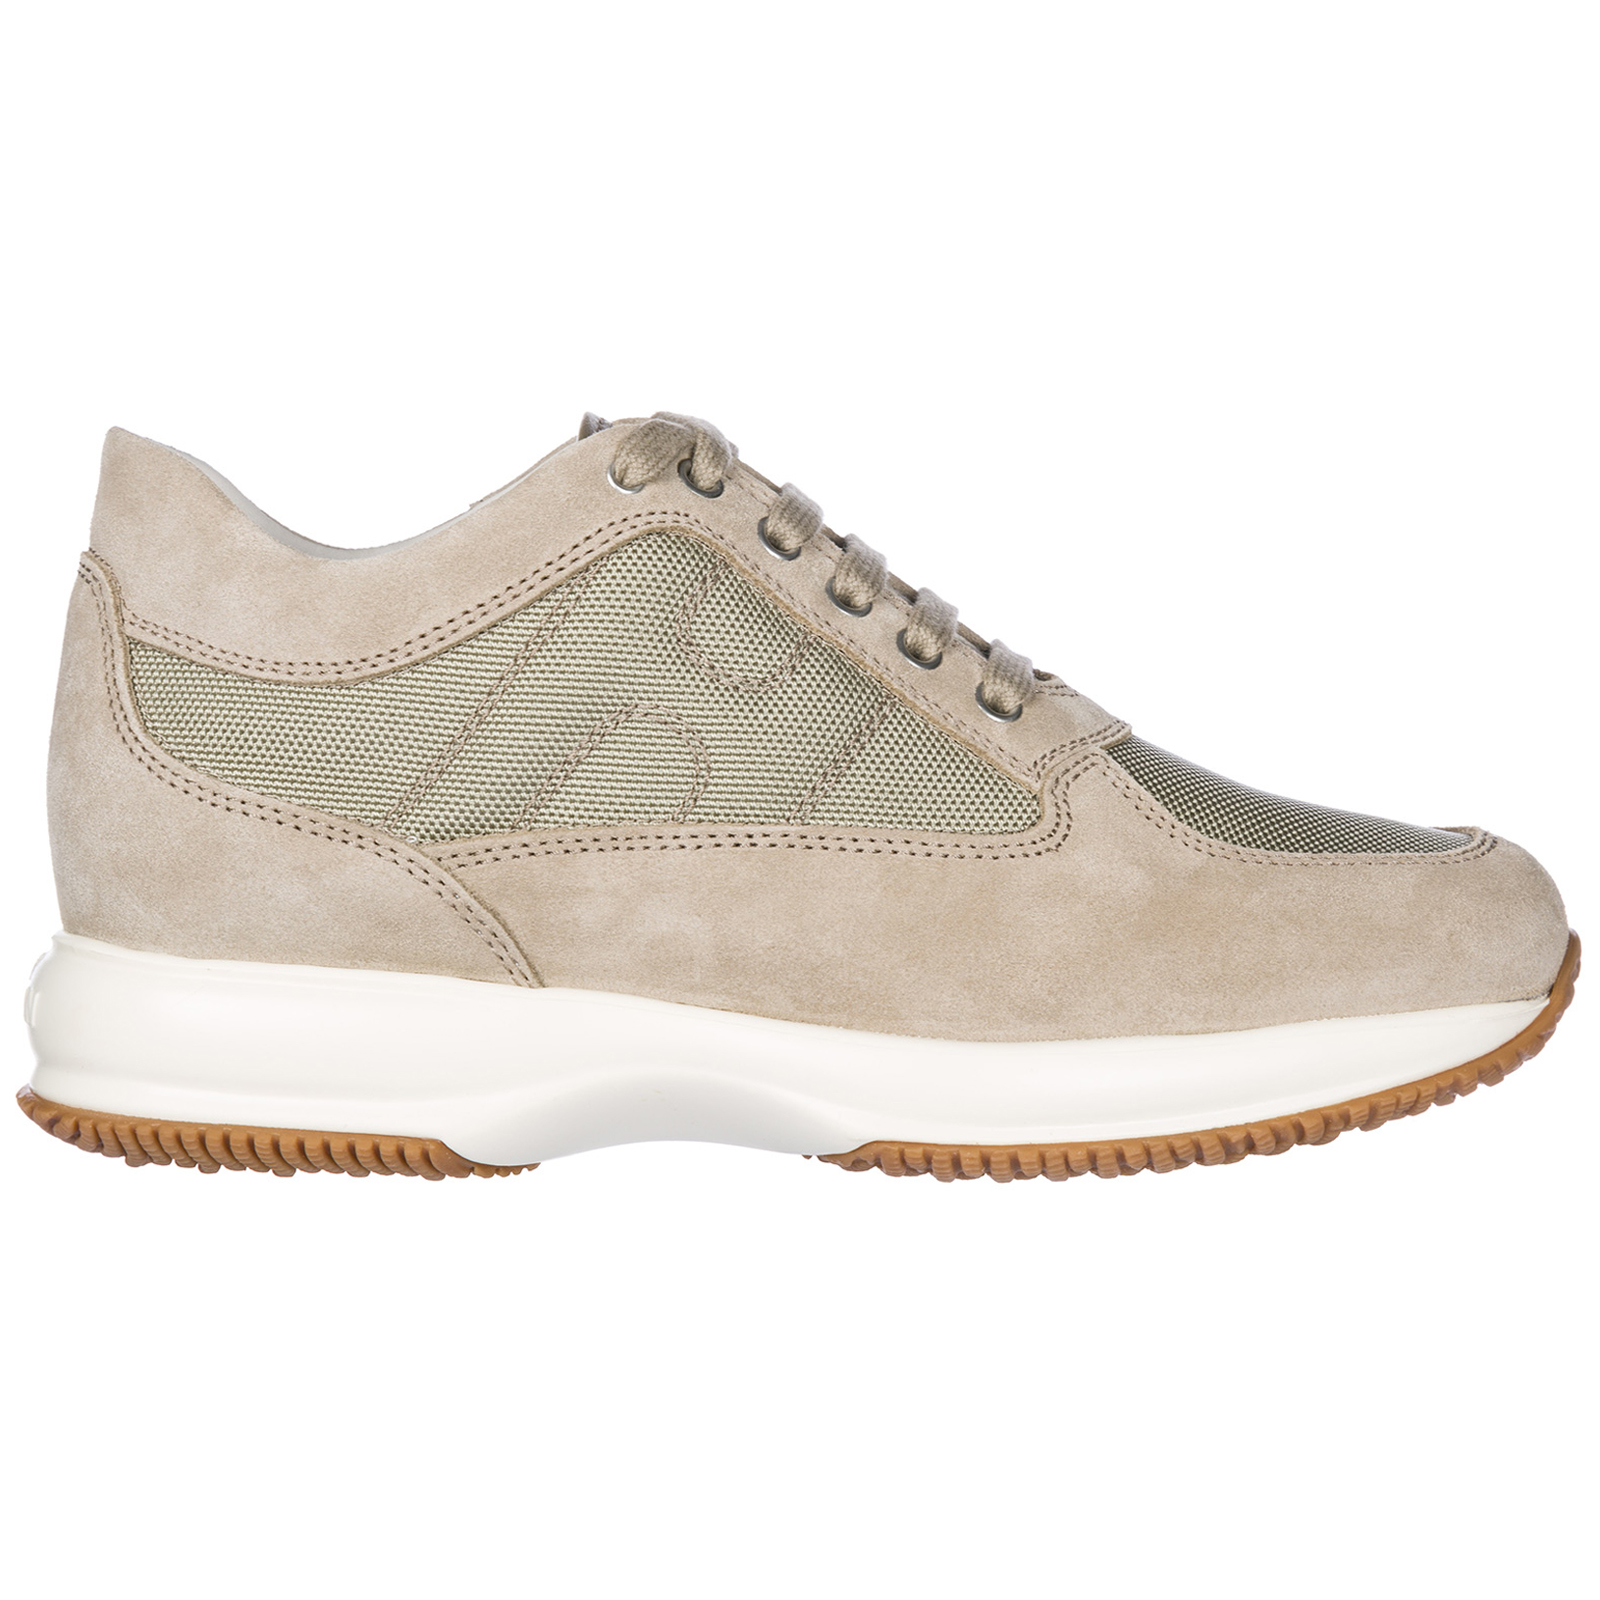 Sneakers Hogan Interactive HXM00N00E10B2A9997 beige  8a0a9b56f86